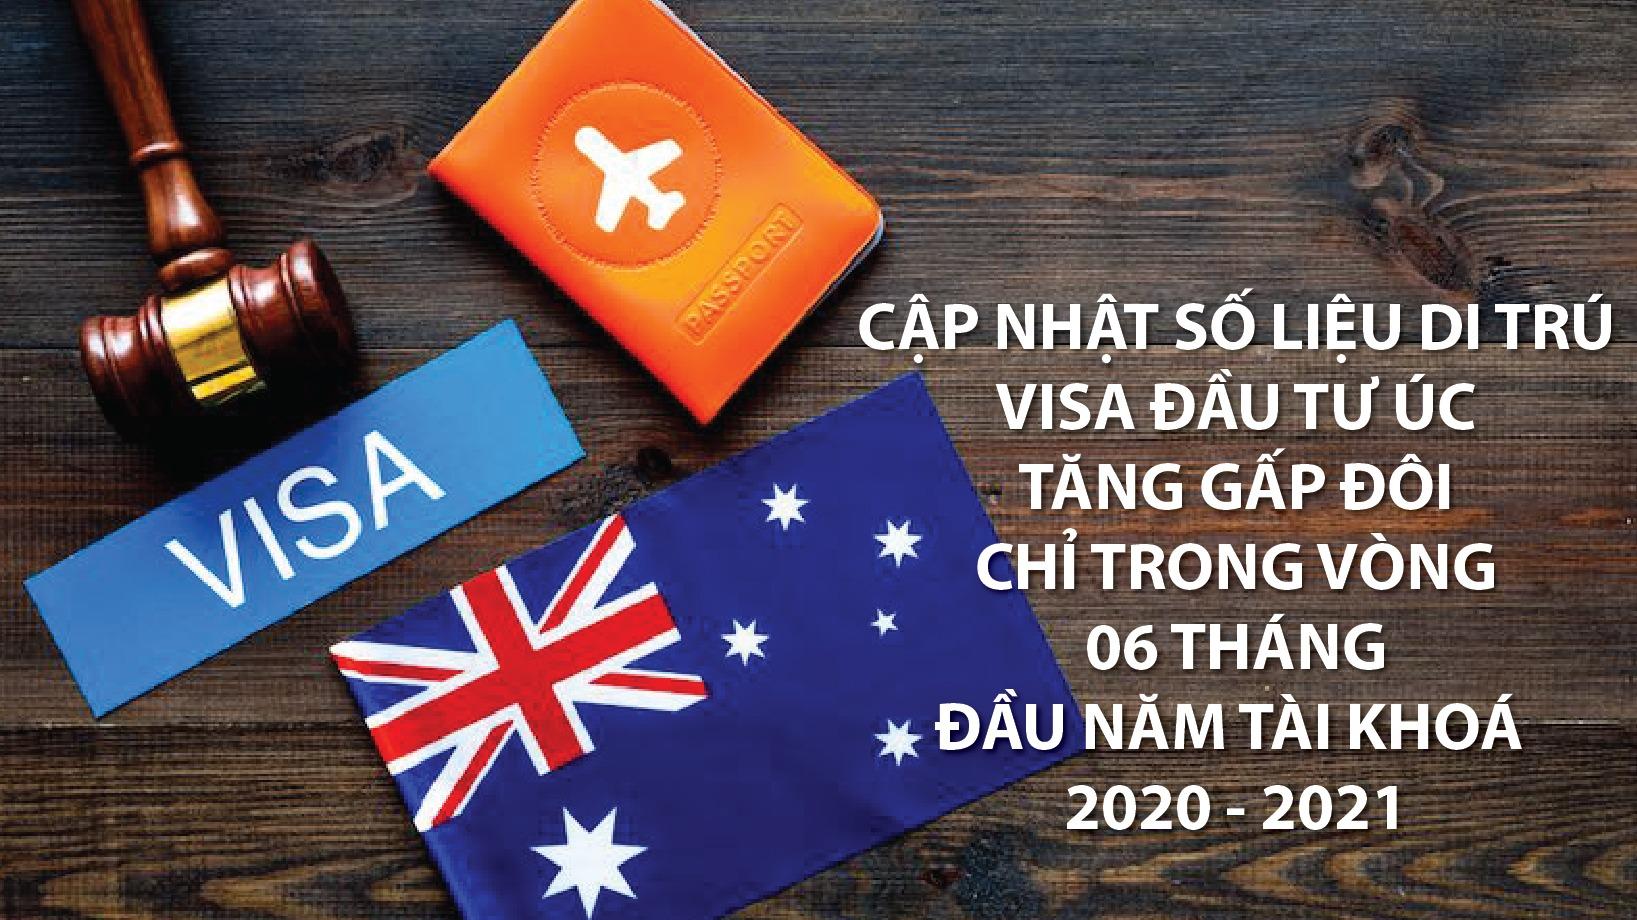 cap-nhat-so-lieu-di-tru-visa-dau-tu-uc-tang-gap-doi-chi-trong-vong-06-thang-dau-nam-tai-khoa-2020---2021